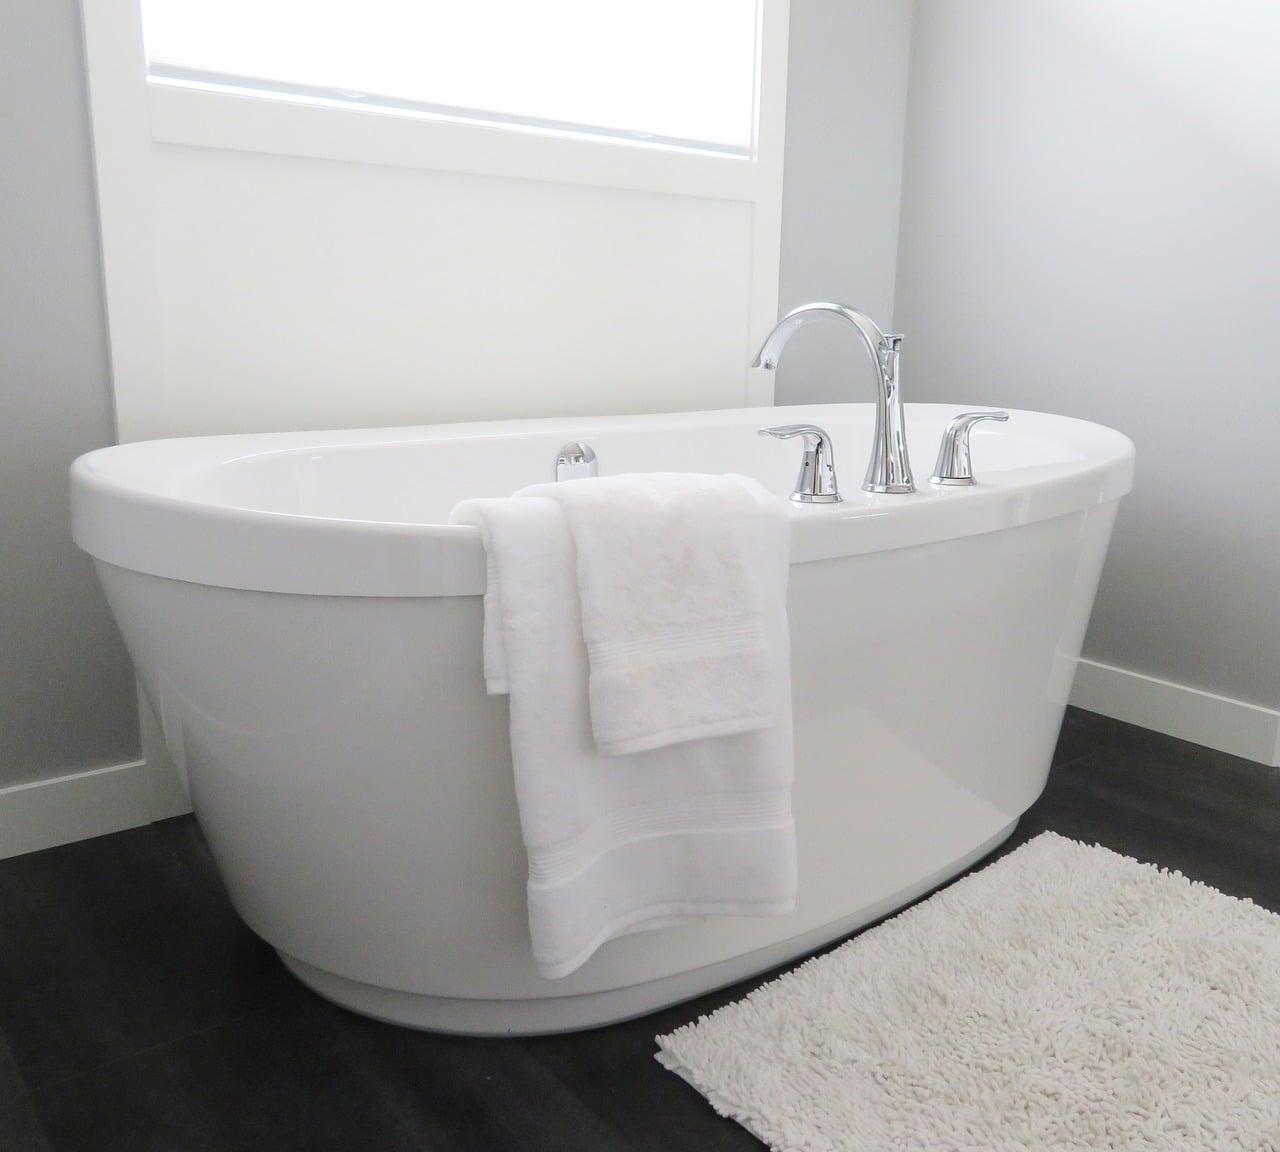 Salle de bain et risques de chutes pour seniors